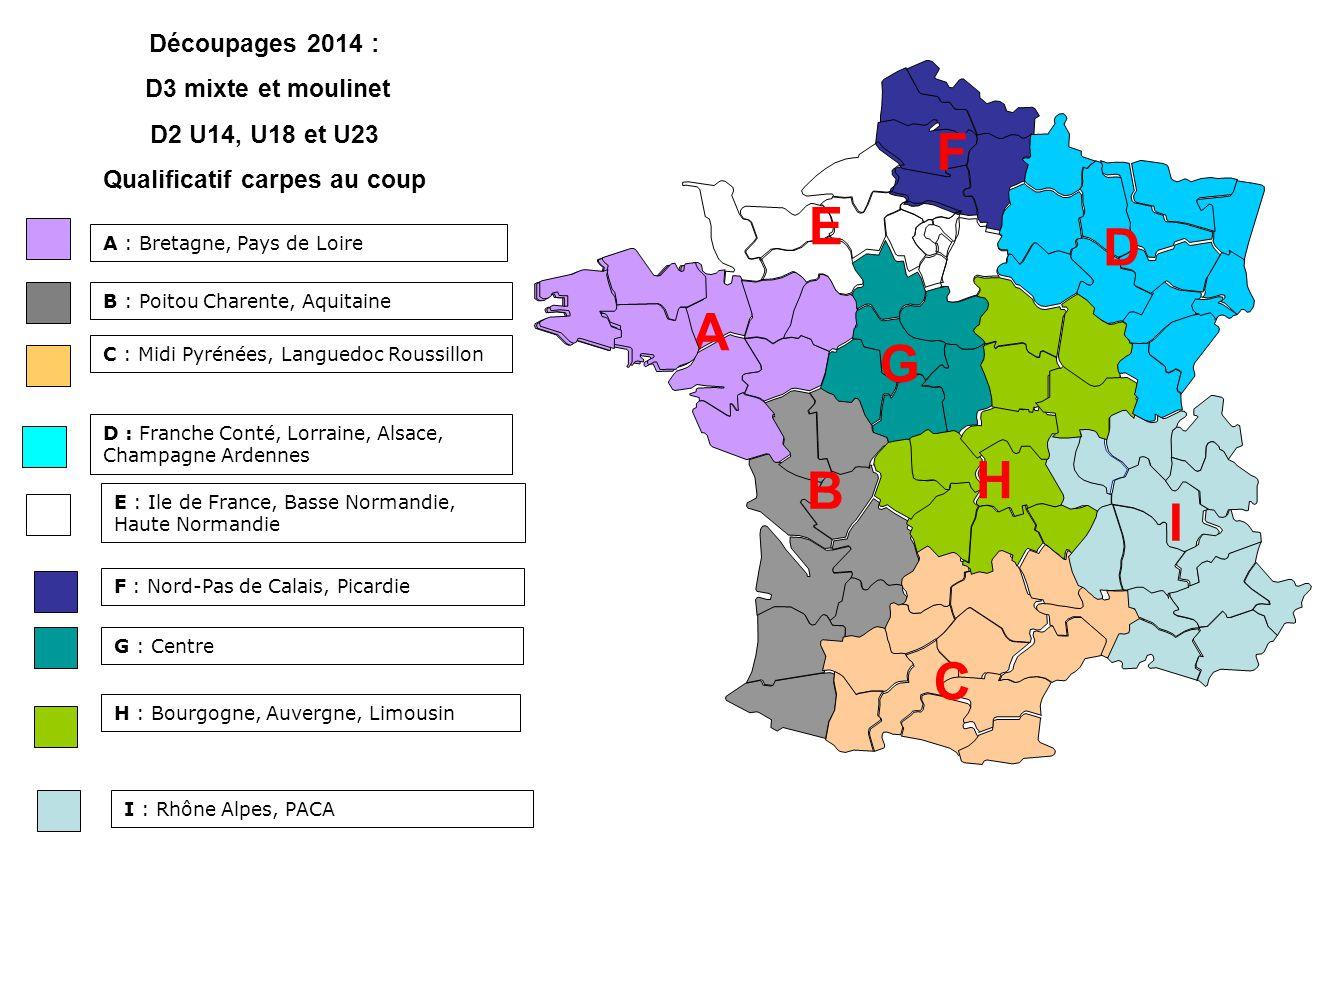 A : Bretagne, Pays de Loire E : Ile de France, Basse Normandie, Haute Normandie F : Nord-Pas de Calais, Picardie G : Centre D : Franche Conté, Lorrain